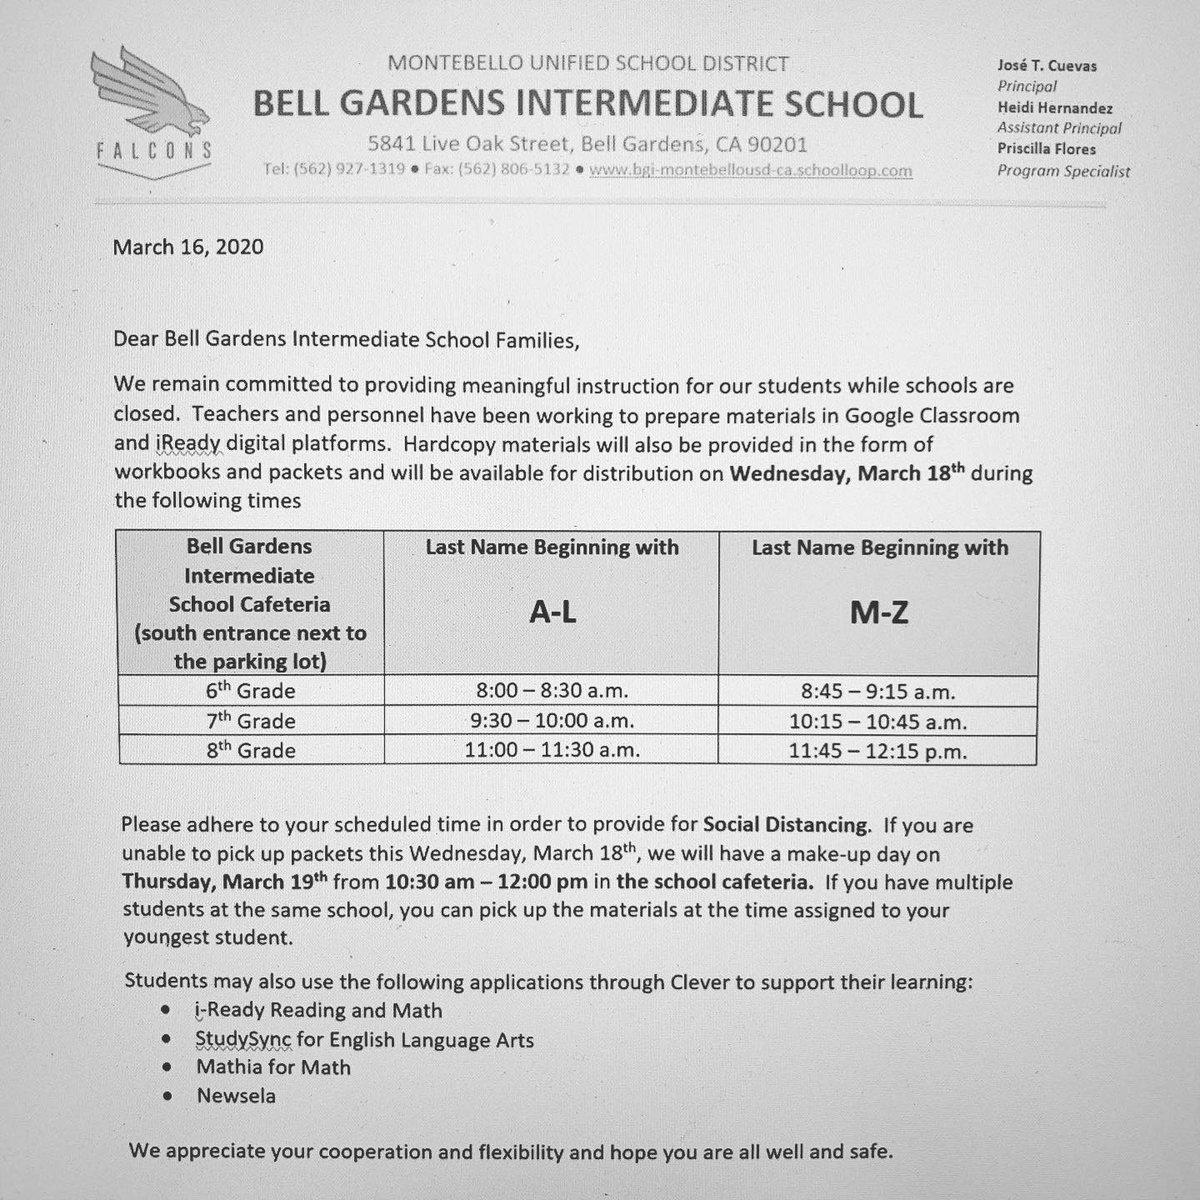 Bell Gardens Intermediate School Bgifalcons Twitter